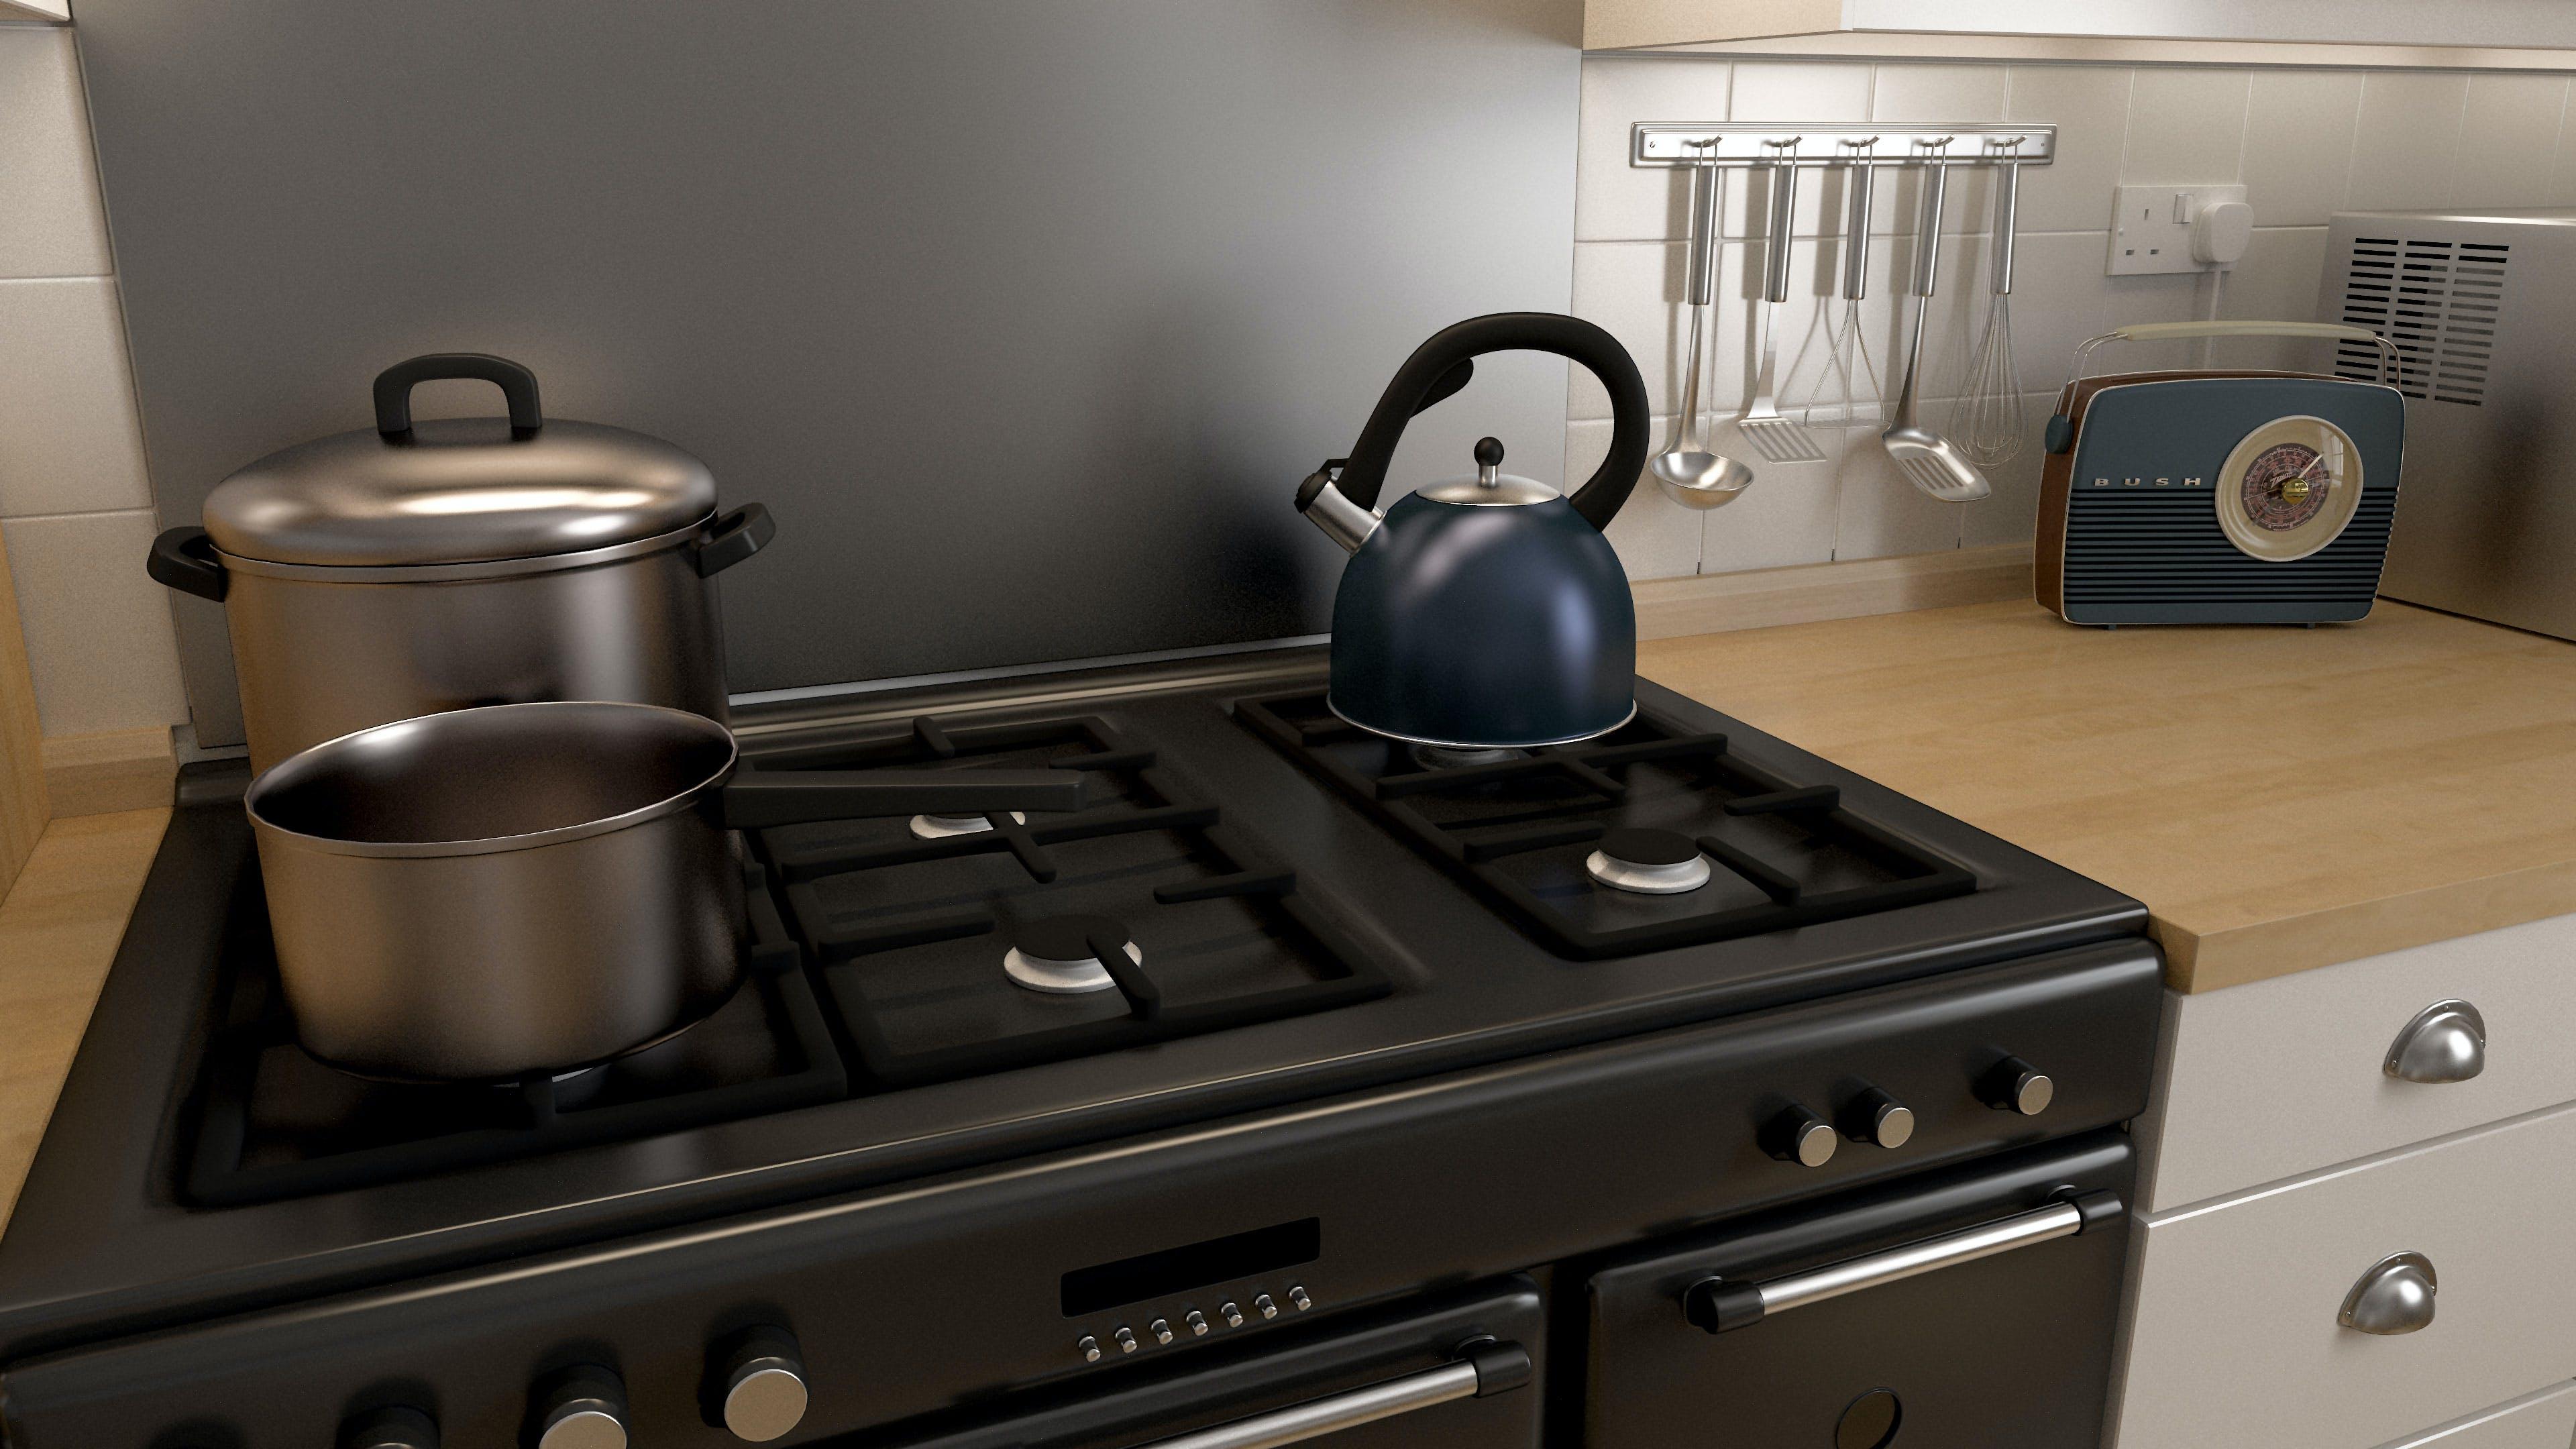 Kostenloses Stock Foto zu hd wallpaper, küche brenner, kochen, küche